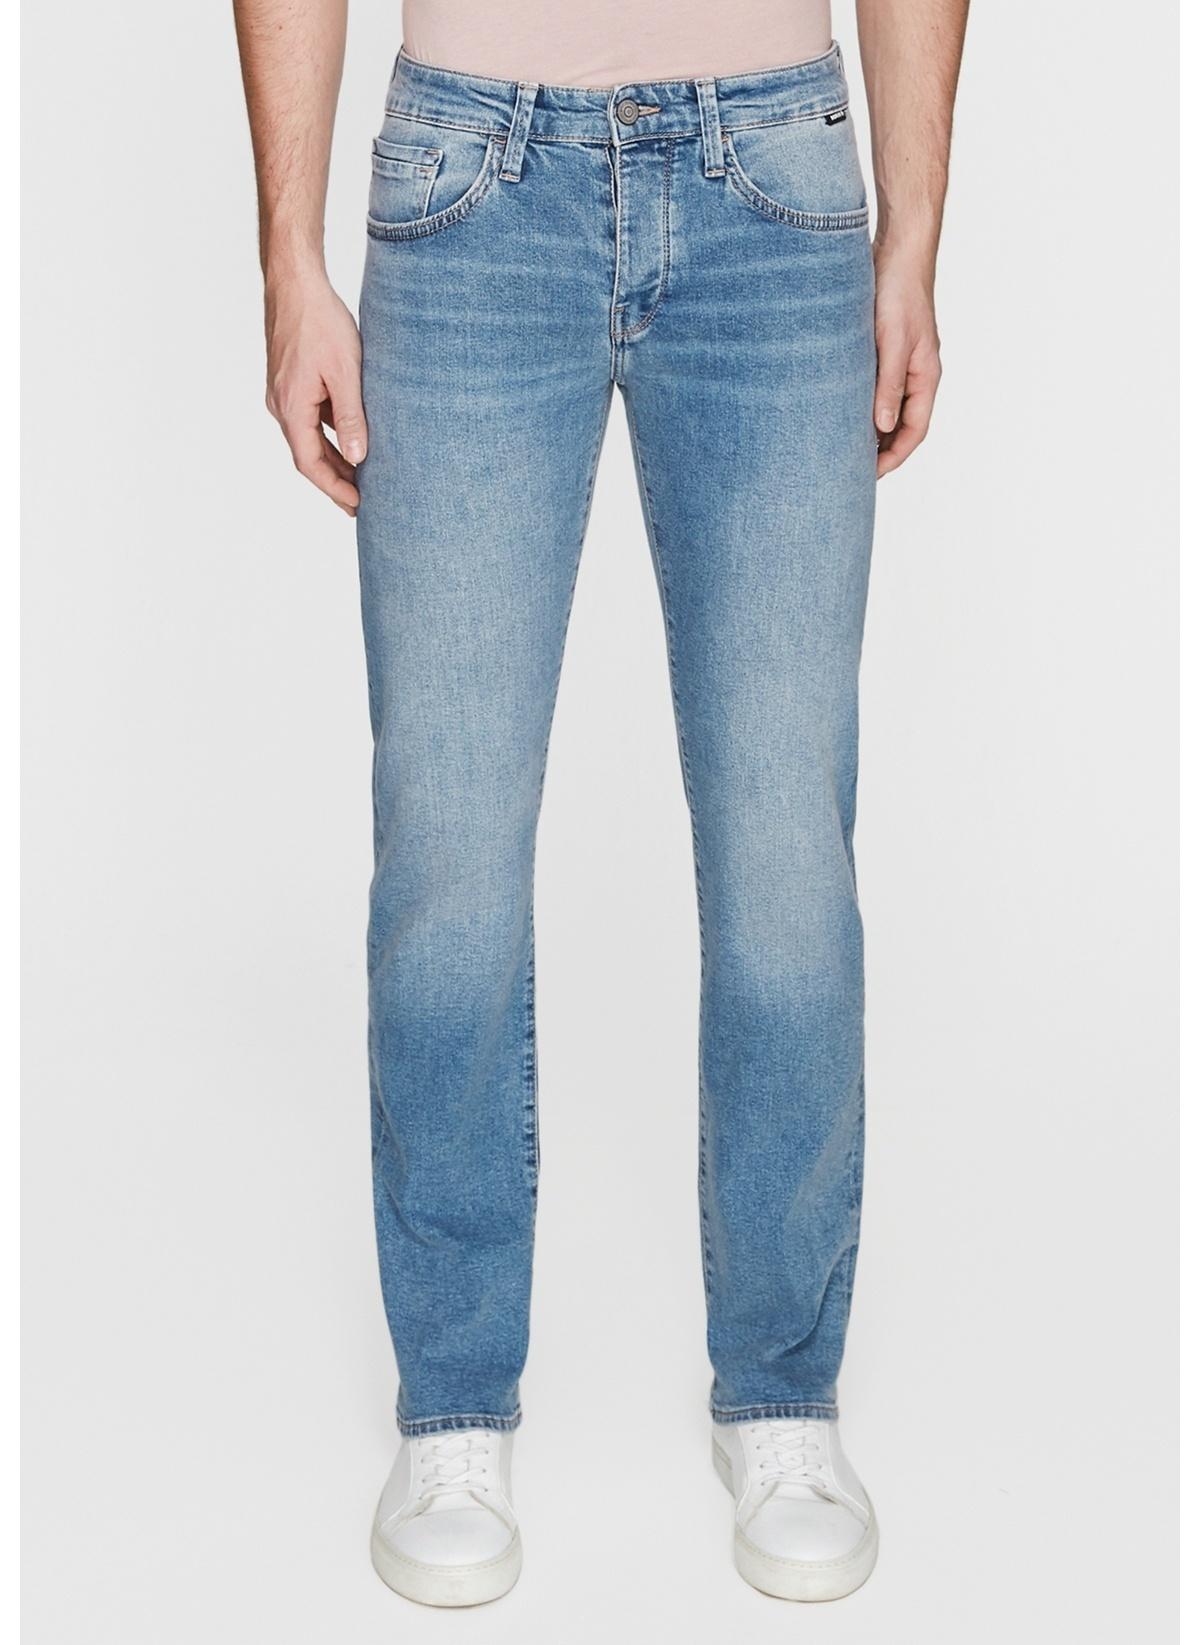 Mavi Jean Pantolon   Pierre – Slim 0020928207 Pierre Comfort Jean Pantolon – 159.99 TL